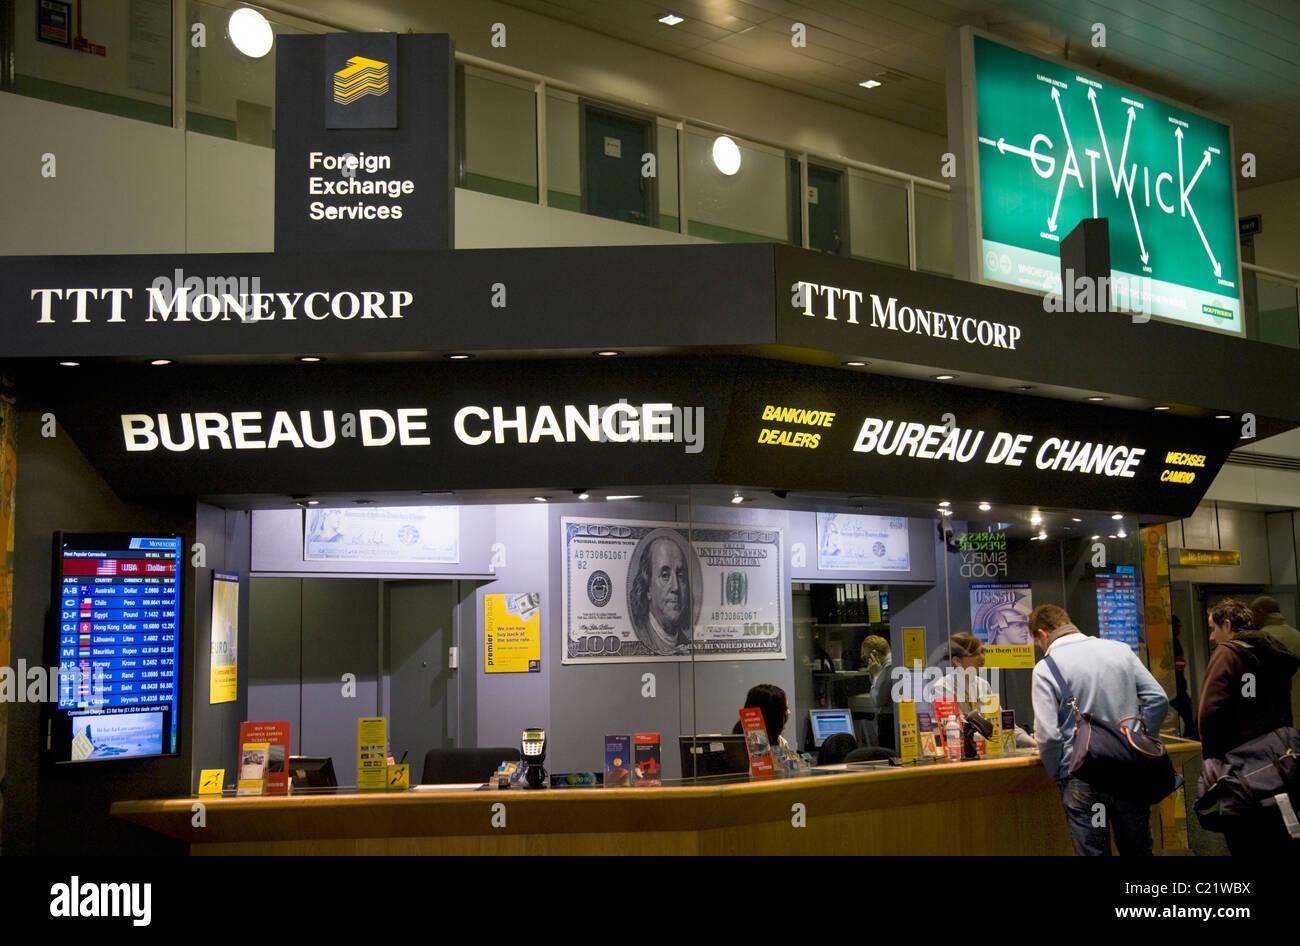 ttt moneycorp bureau de change bureau gatwick airport south terminal londres uk